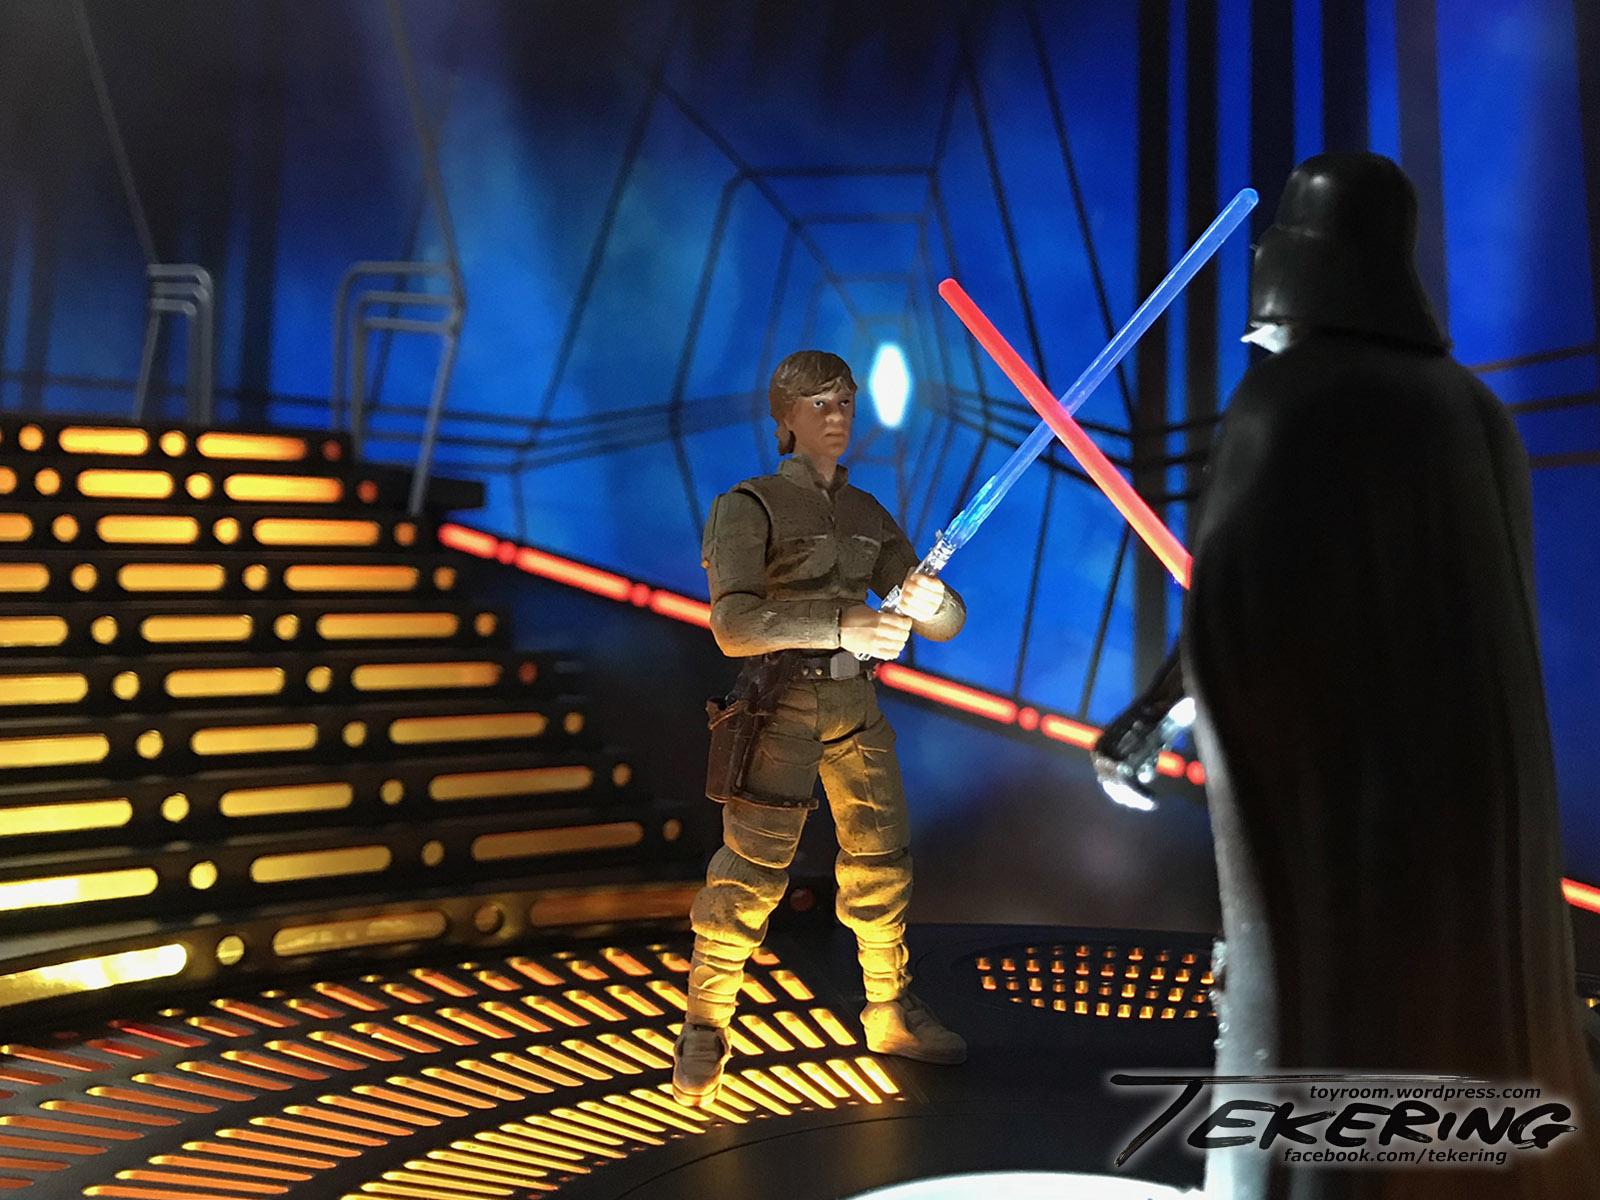 Luke_in_the_trap.jpg